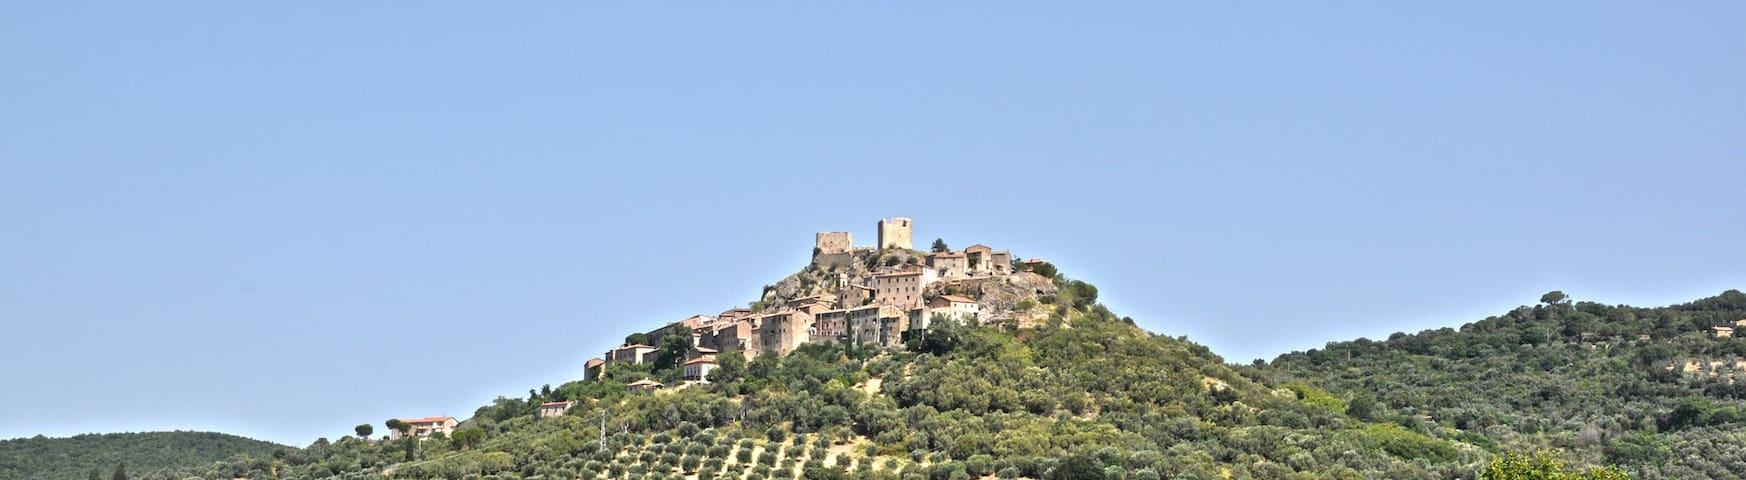 Montemassi - balcone della Maremma - Province of Grosseto